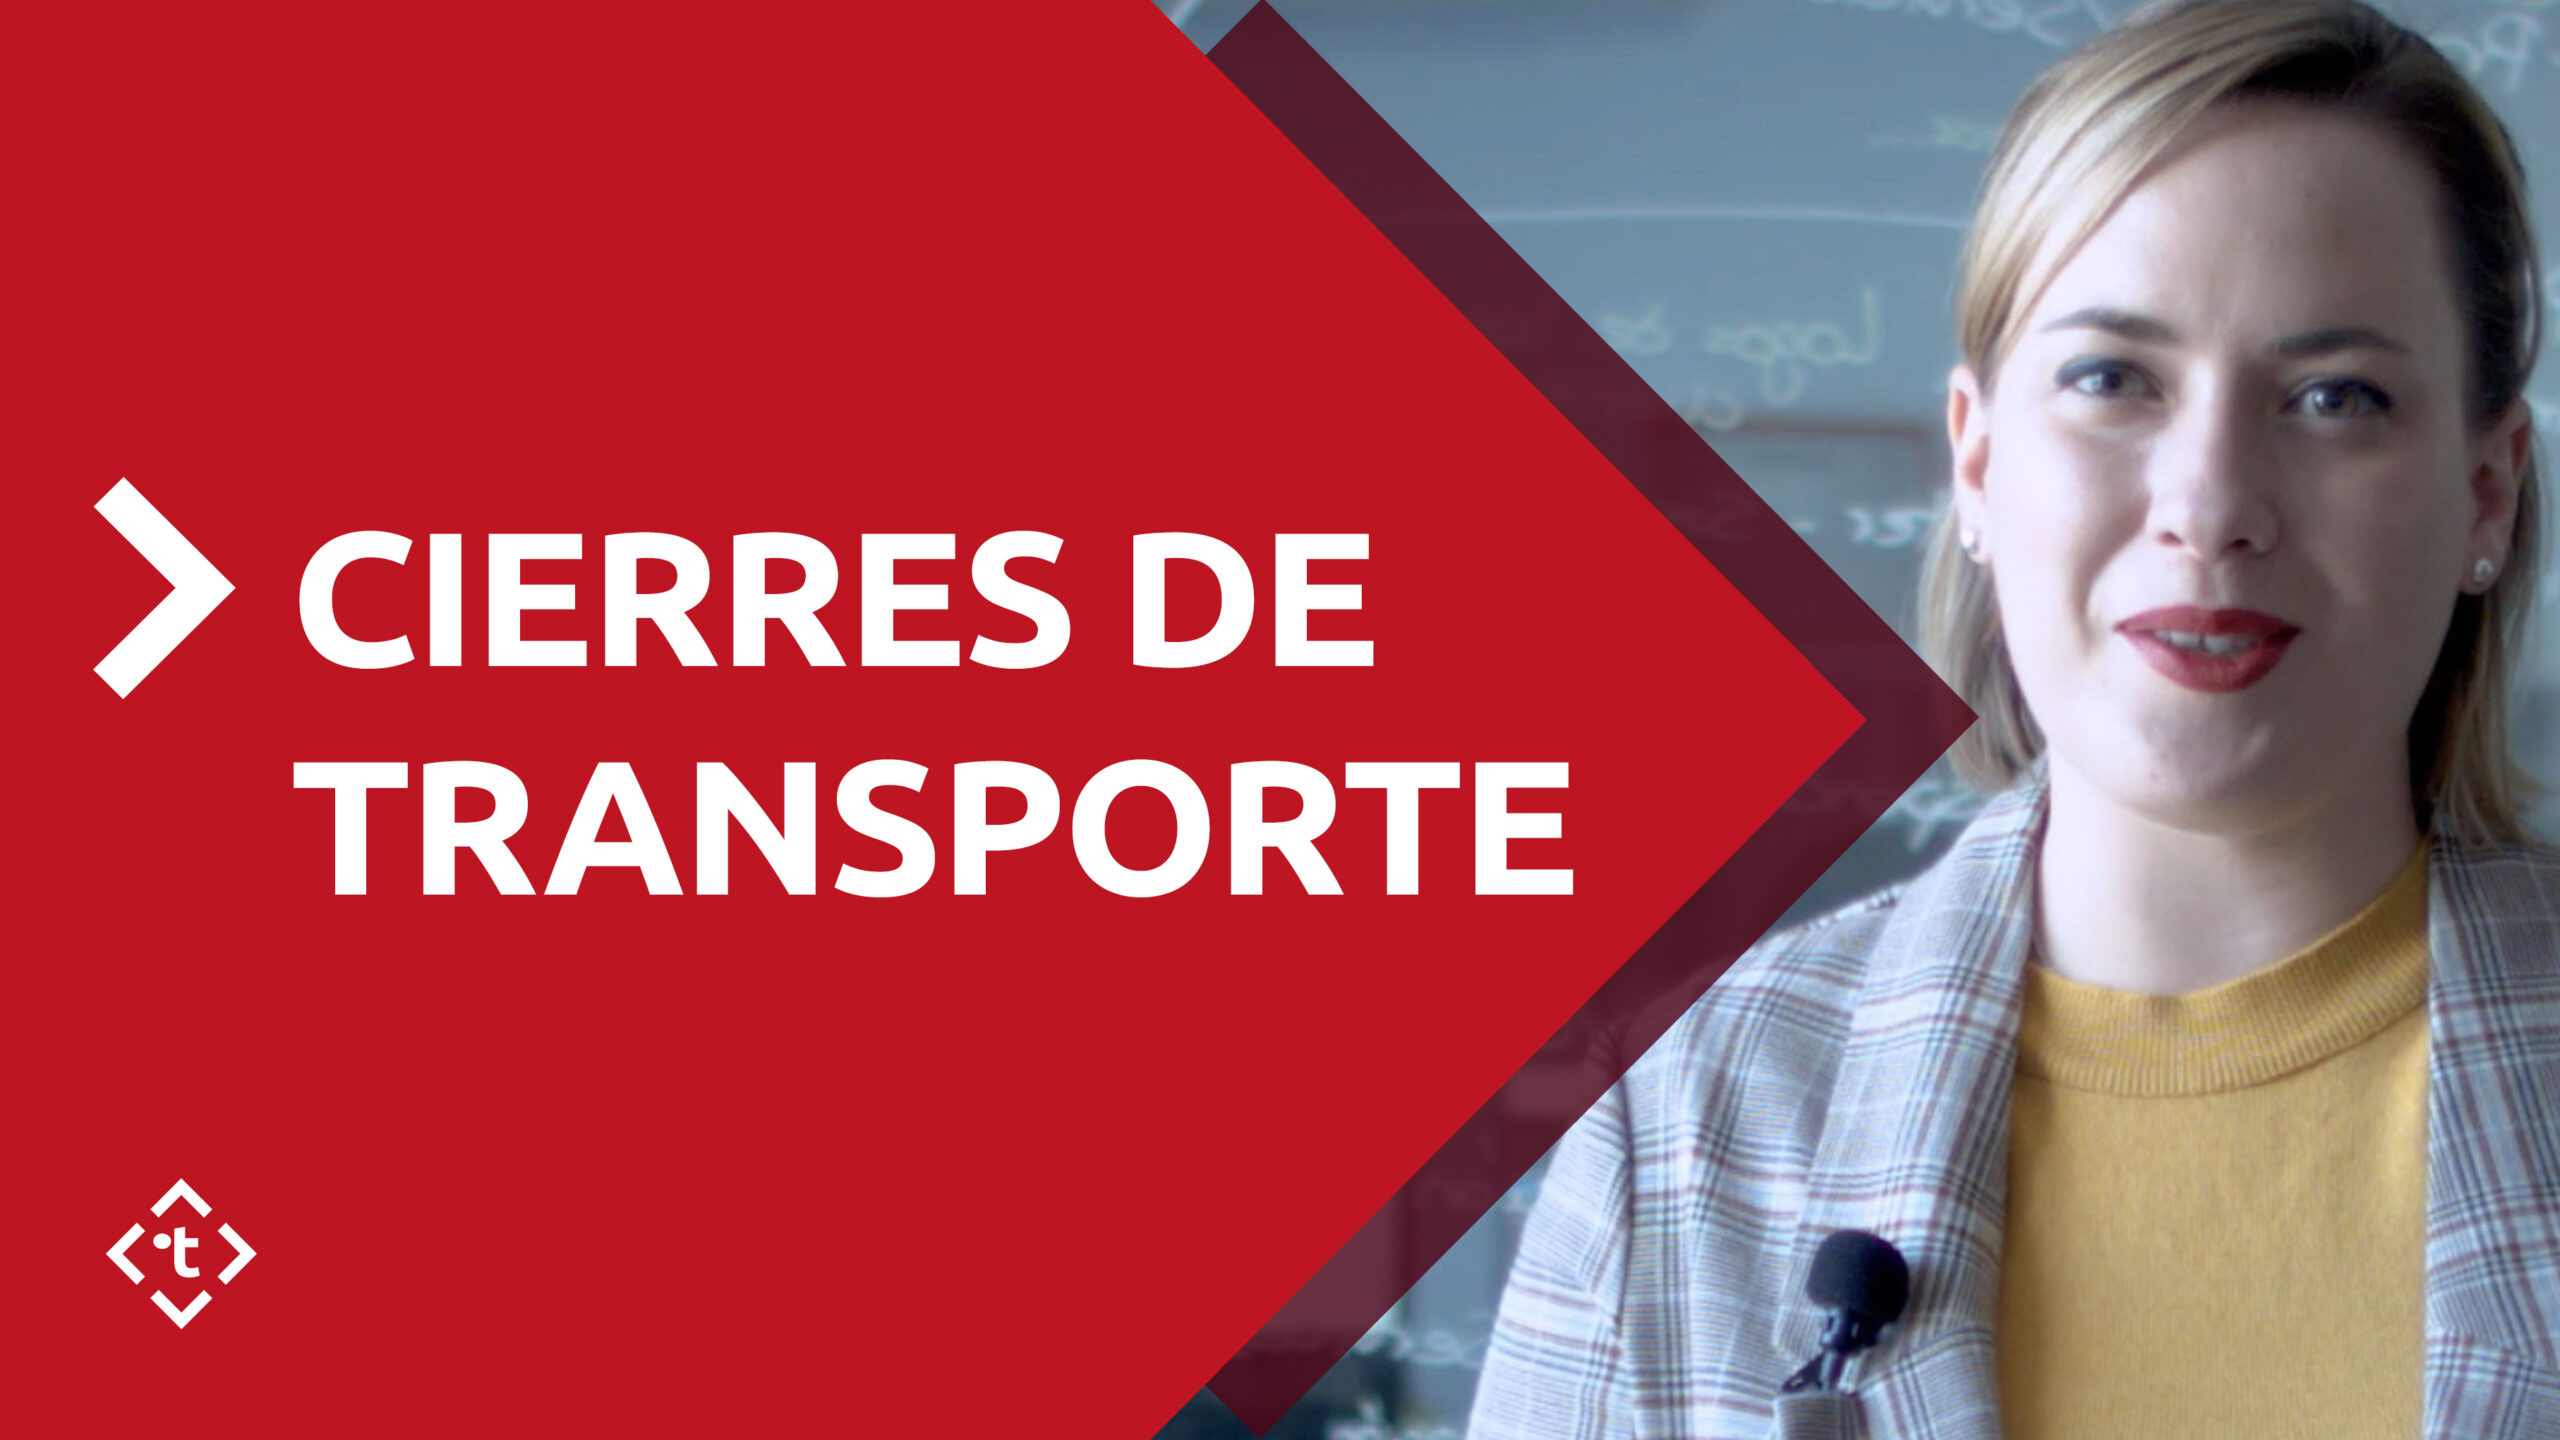 CIERRES DE TRANSPORTE